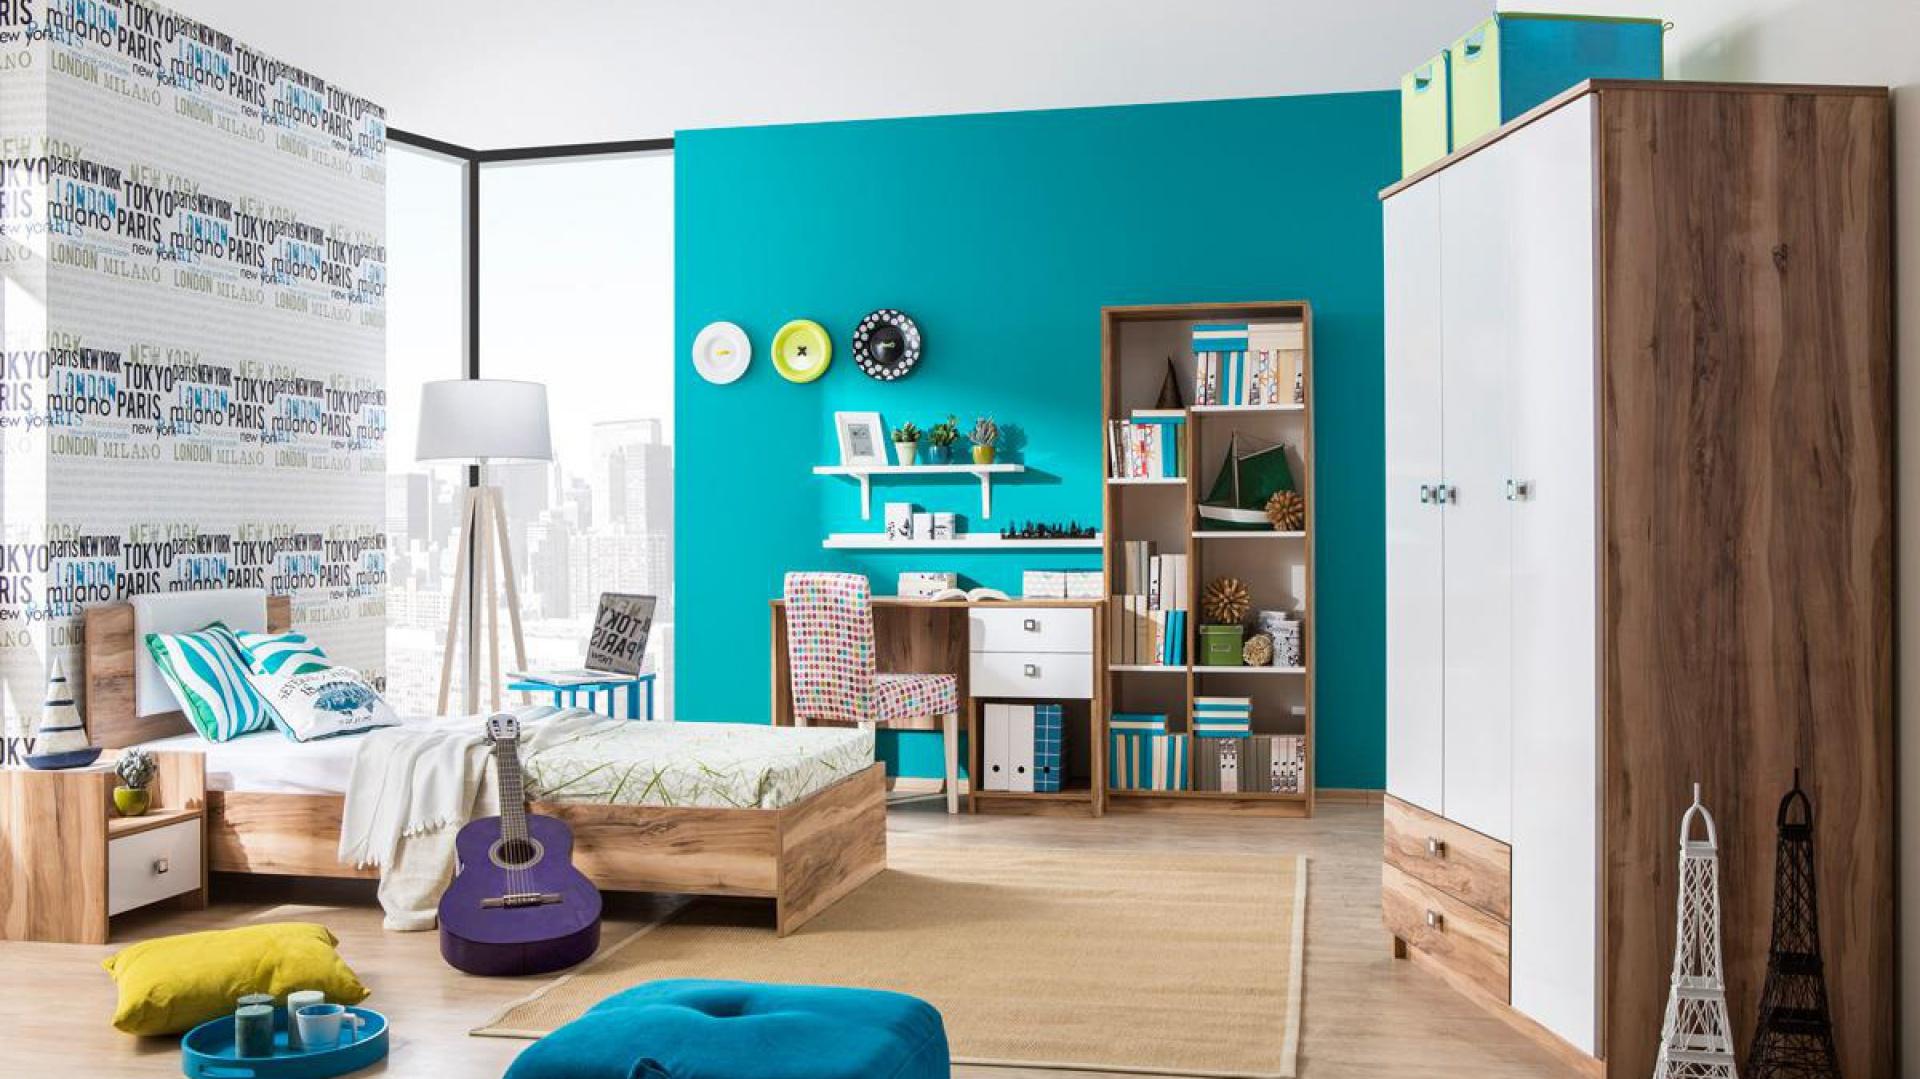 Turkusowa ściana i dodatki ożywiają pokój nastolatki. Kids and Teens.